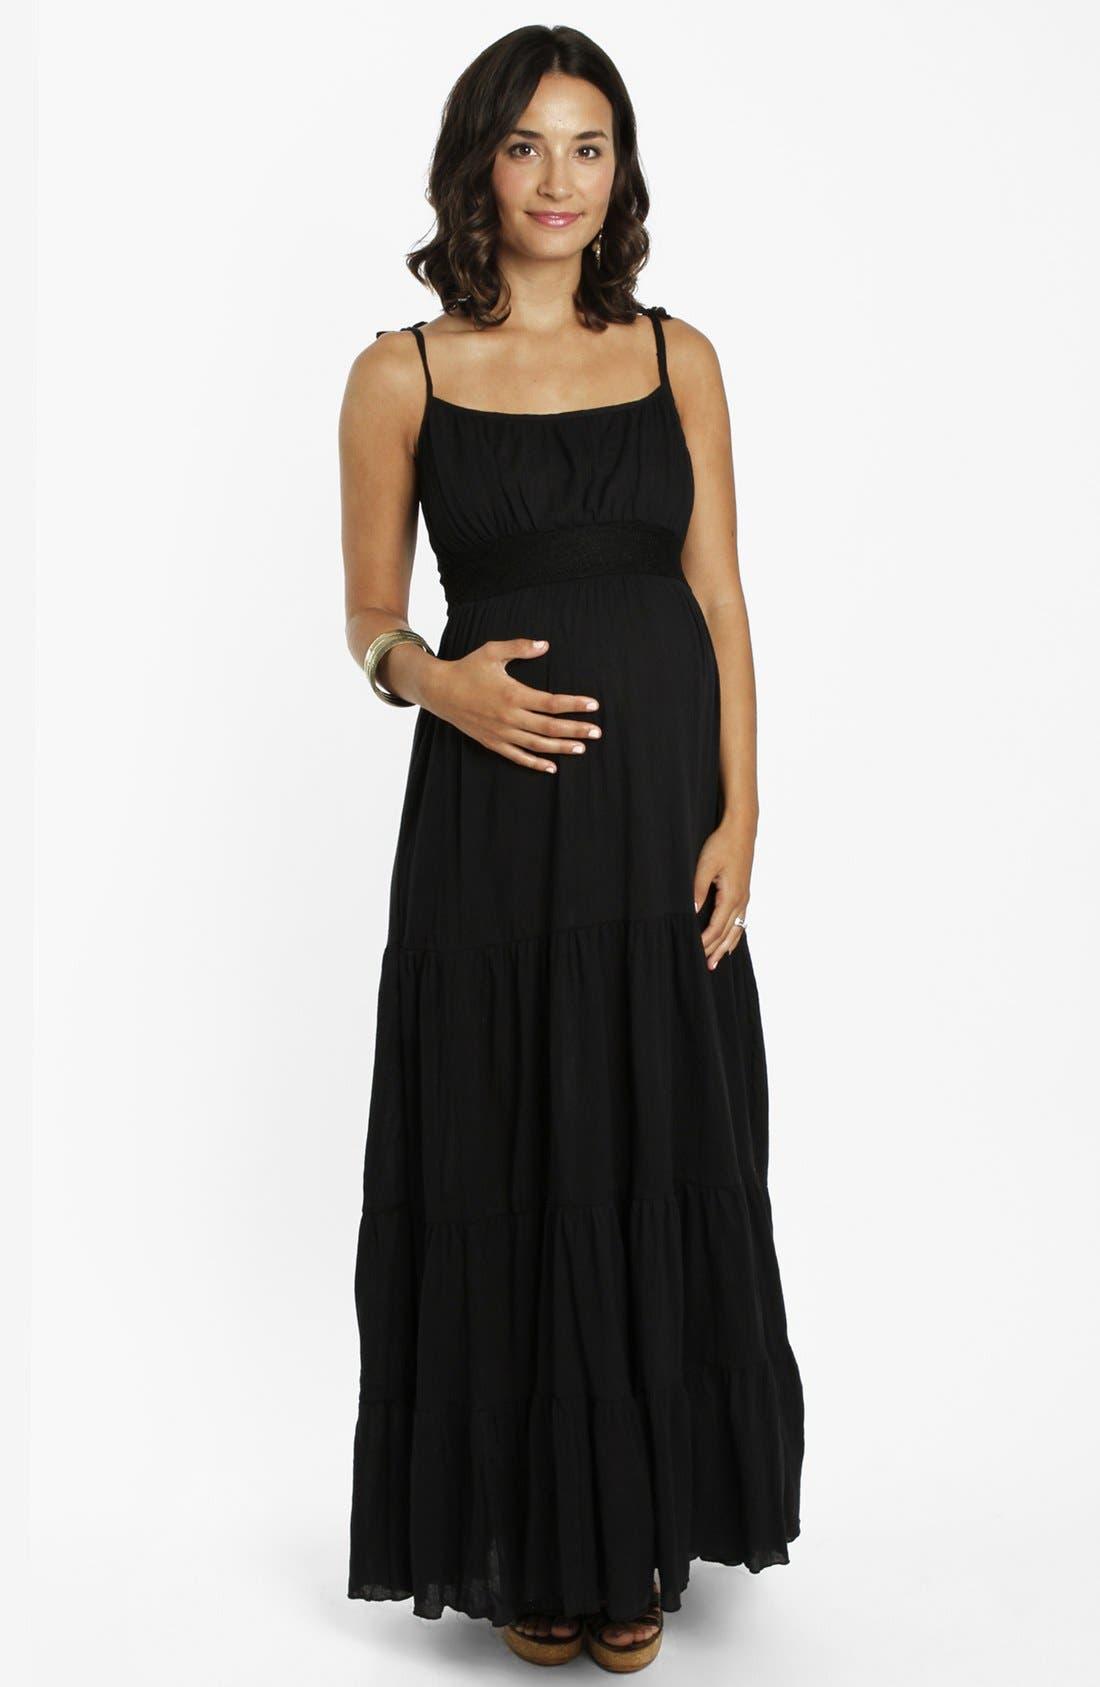 Main Image - Everly Grey 'Poppy' Tiered Maternity Maxi Dress